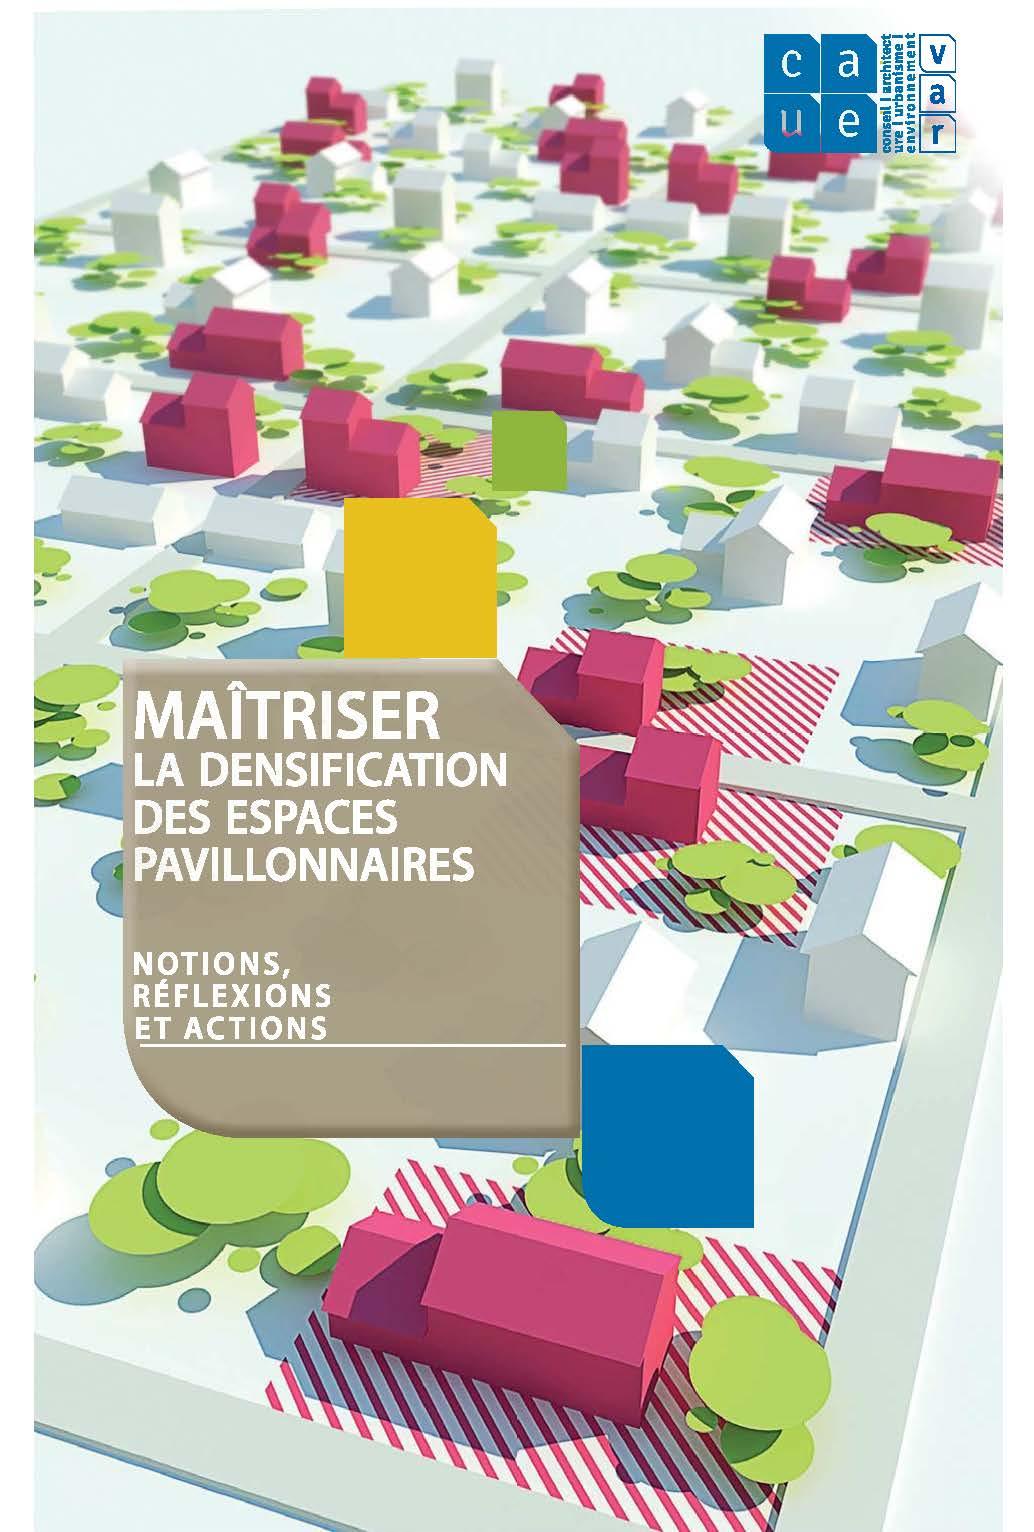 Maîtriser la densification des espaces pavillonnaires